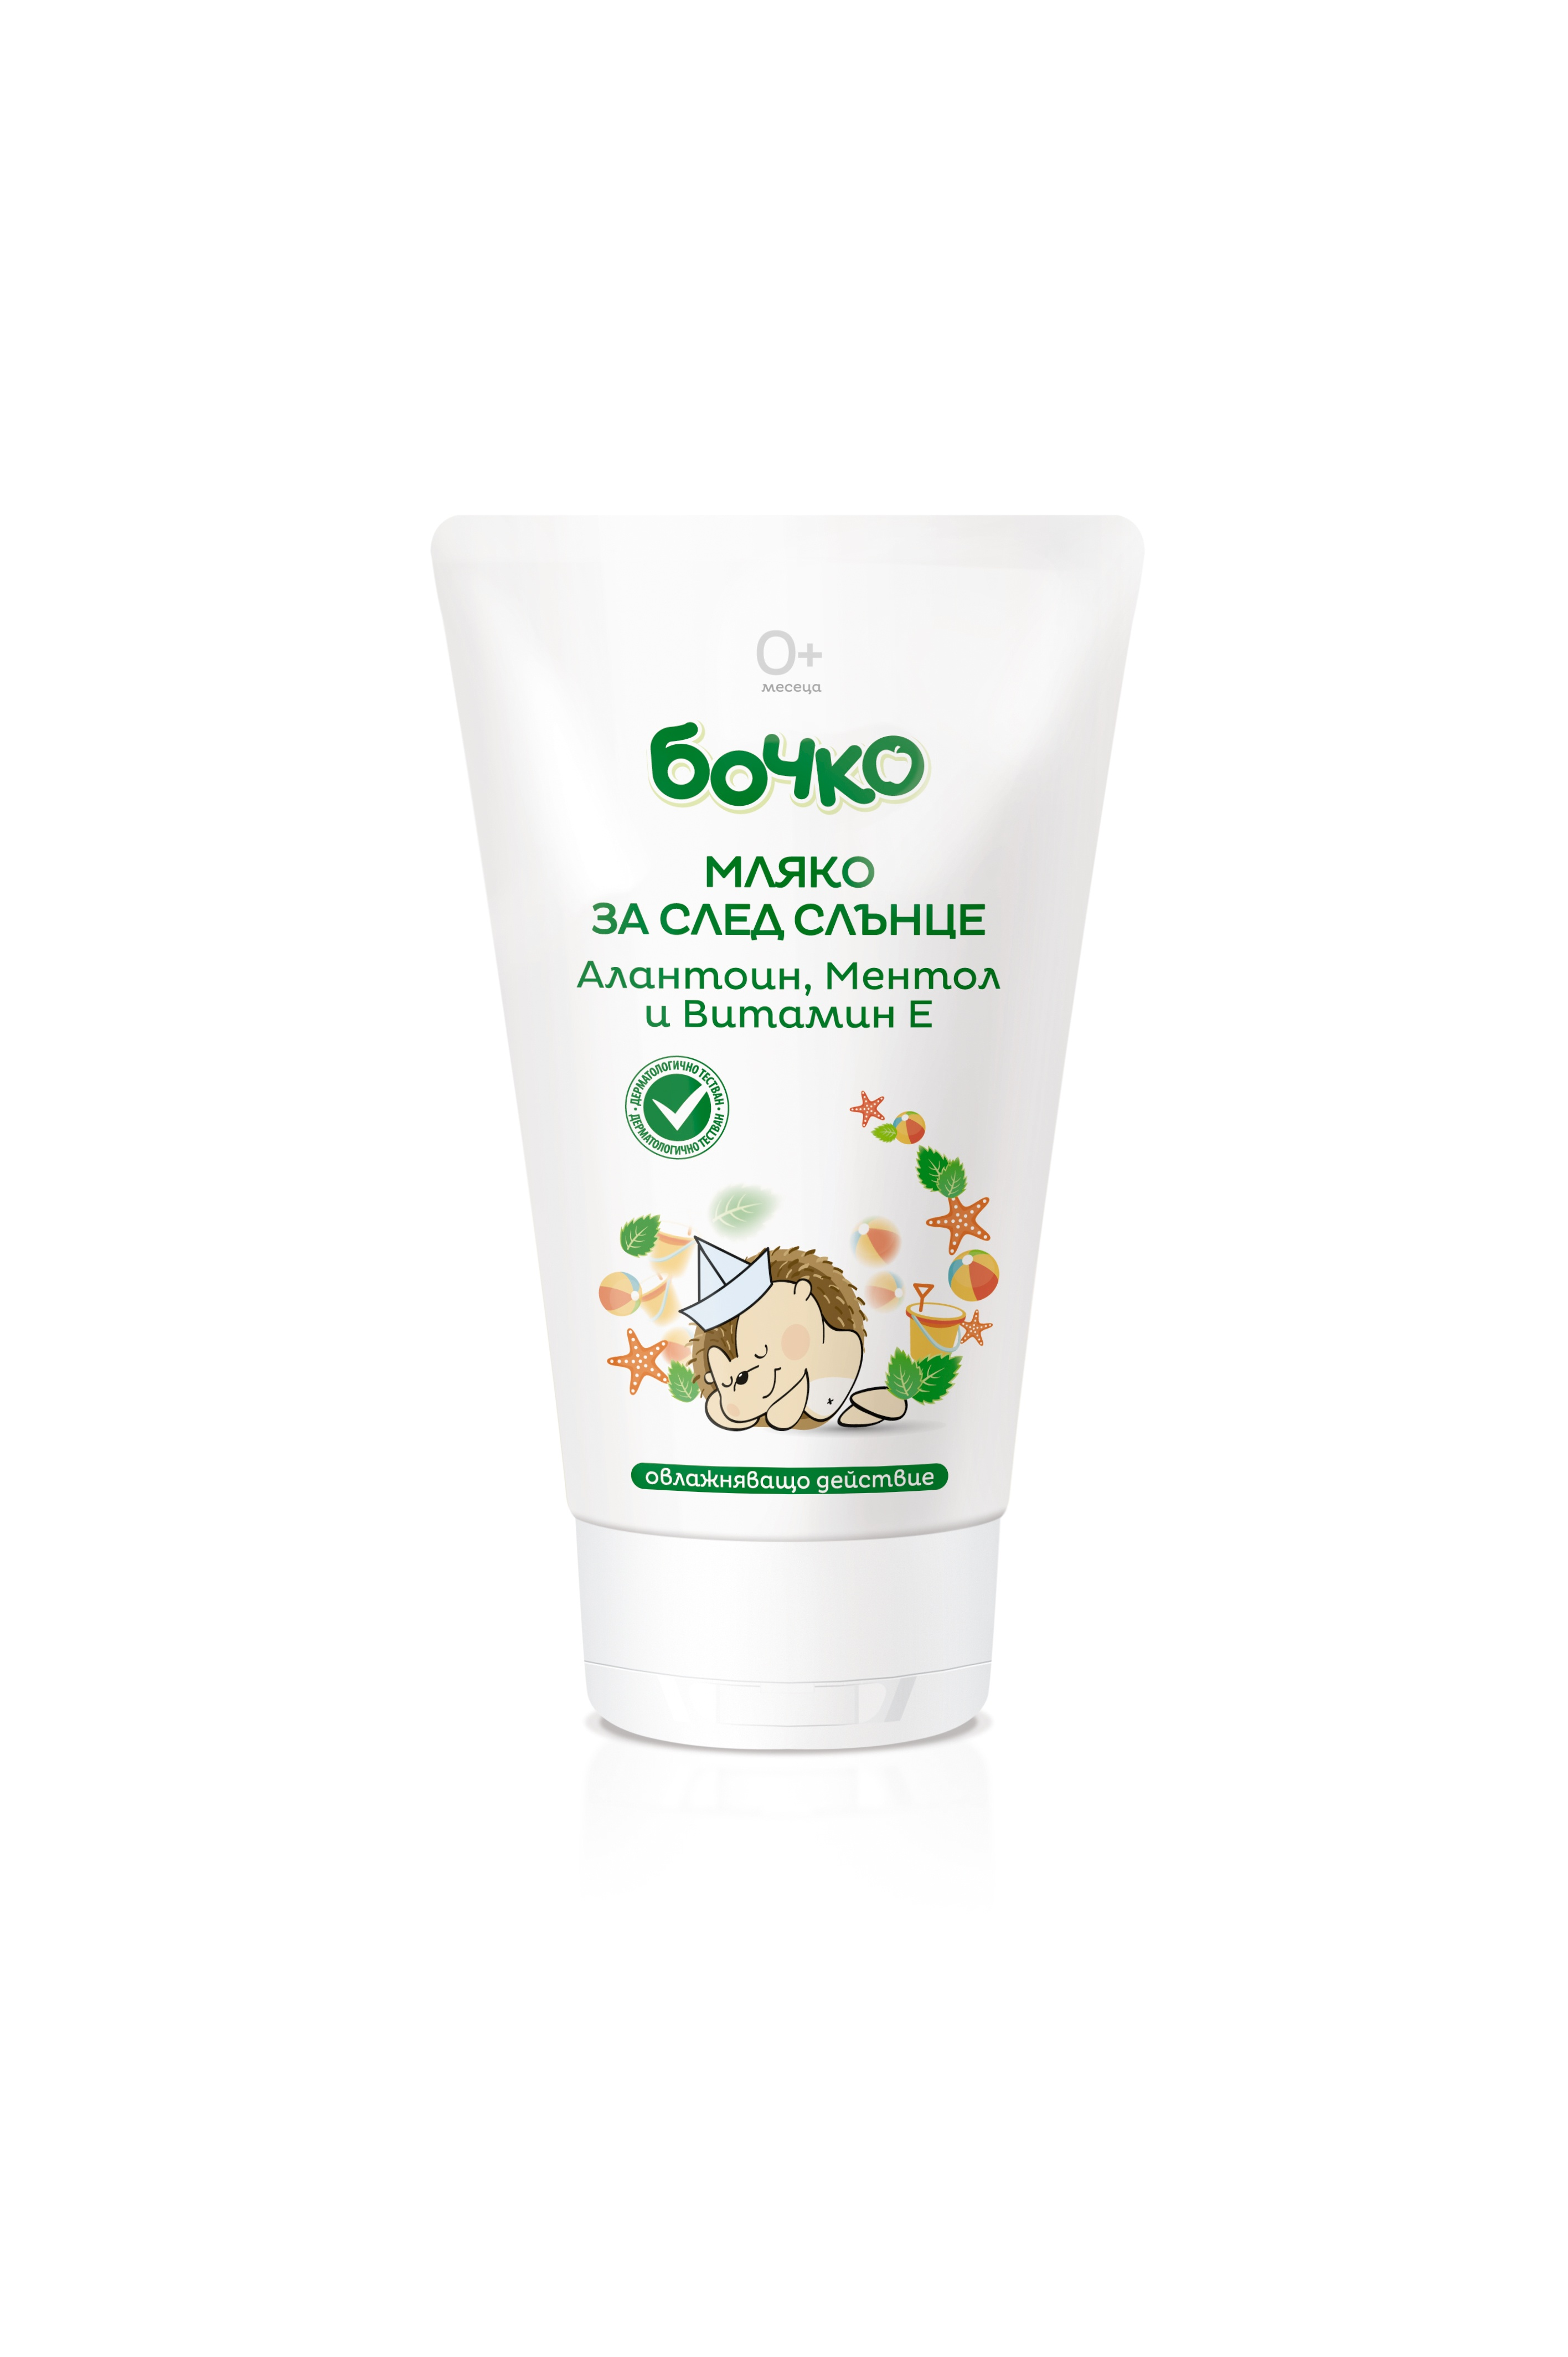 Бочко-Мляко за след слънце 150ml